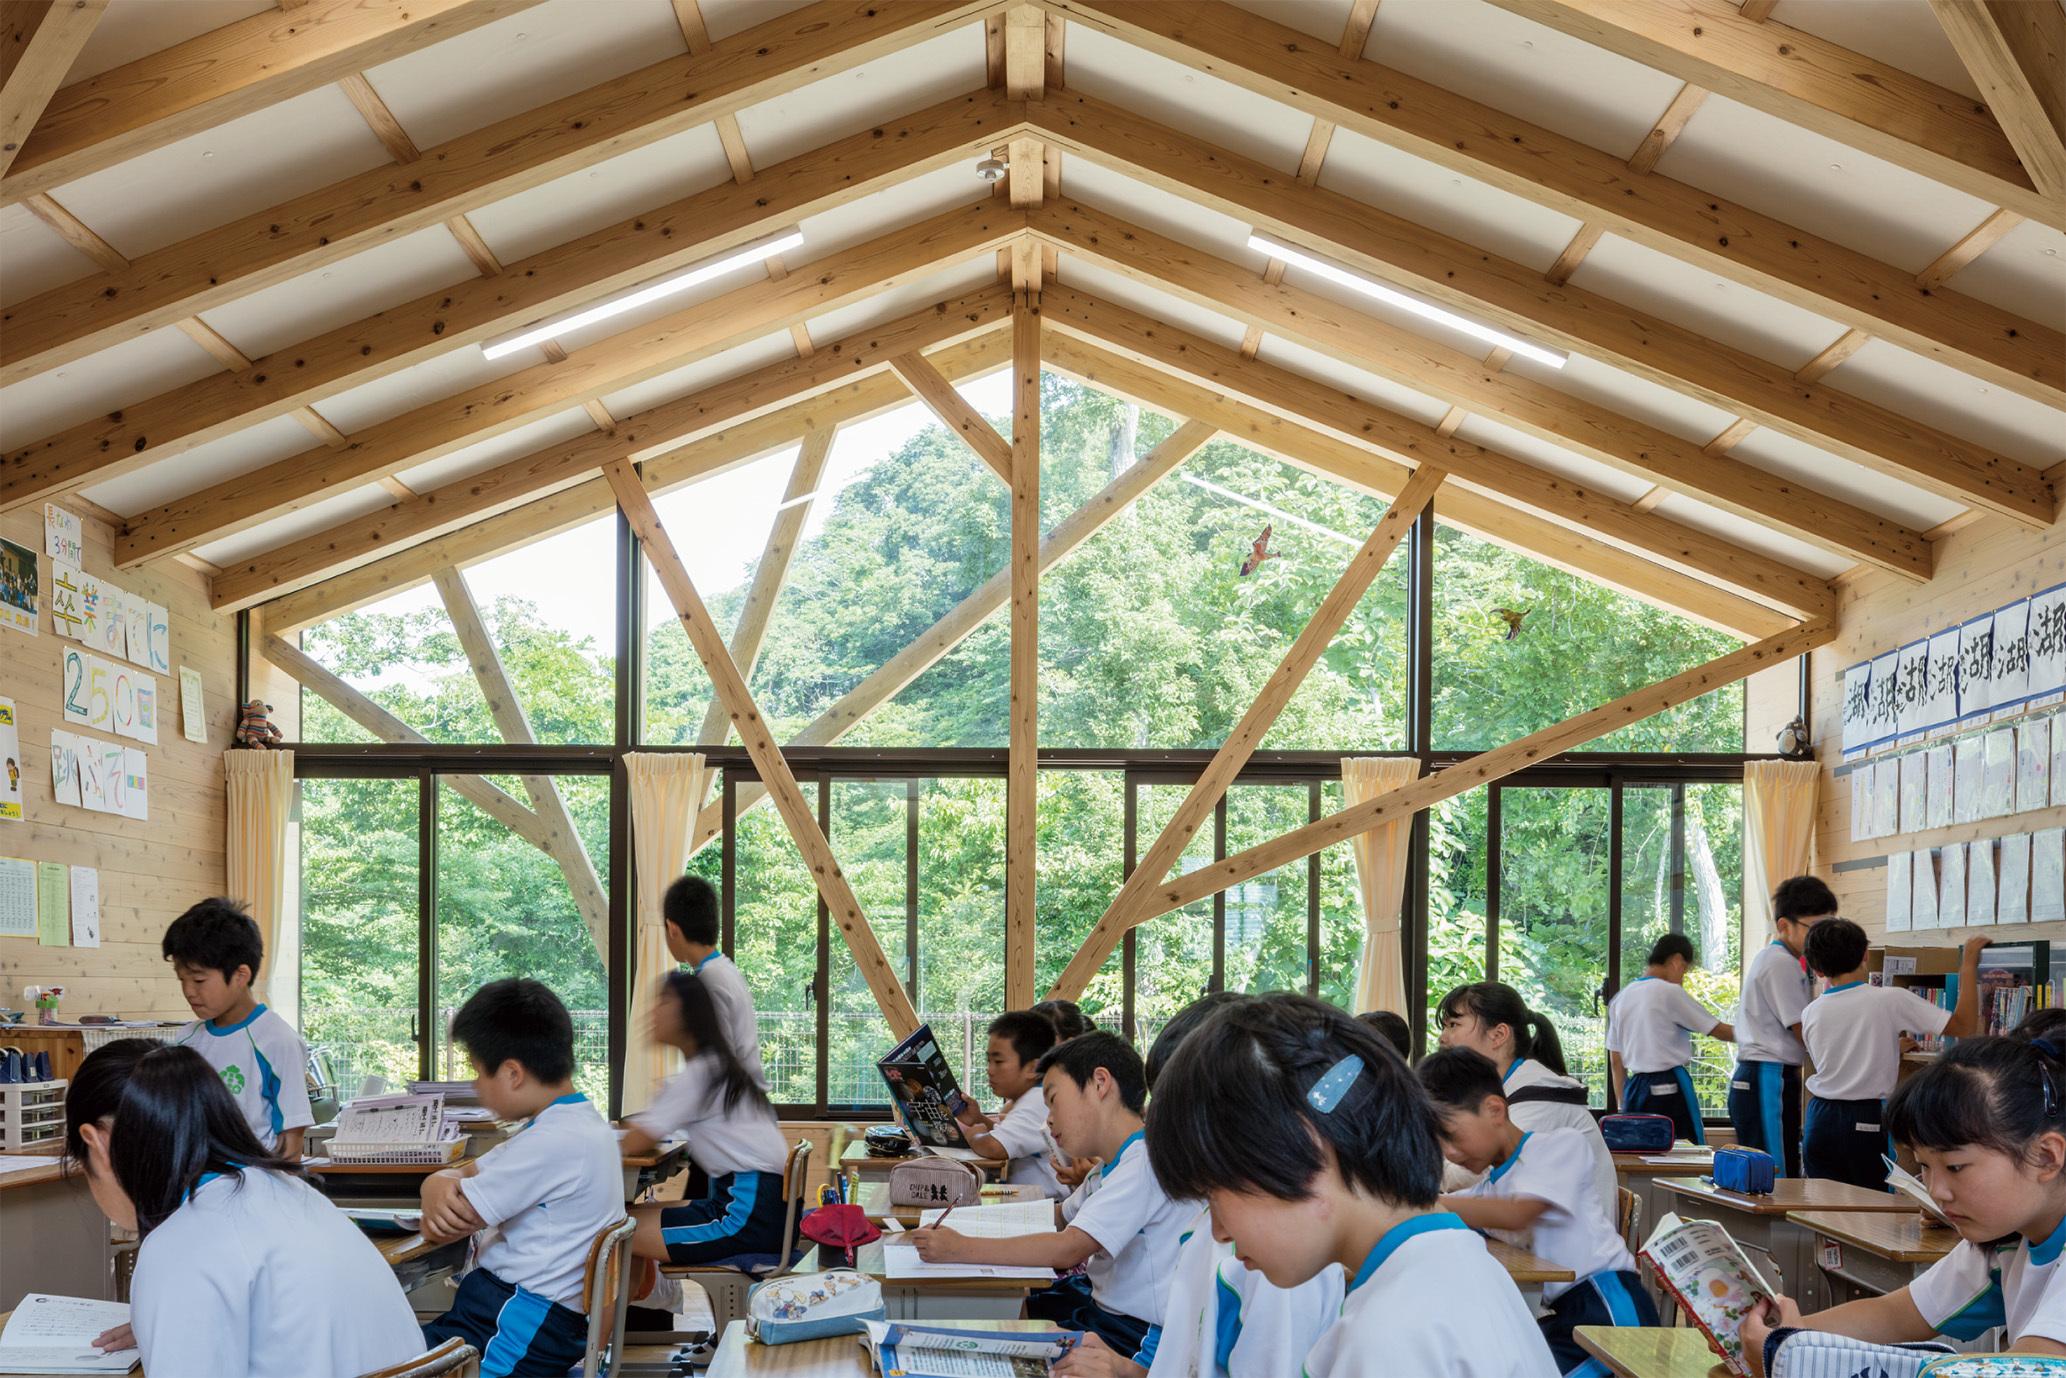 東松島市立宮野森小学校 2017年 盛総合設計+シーラカンスK&H 撮影:浅川敏